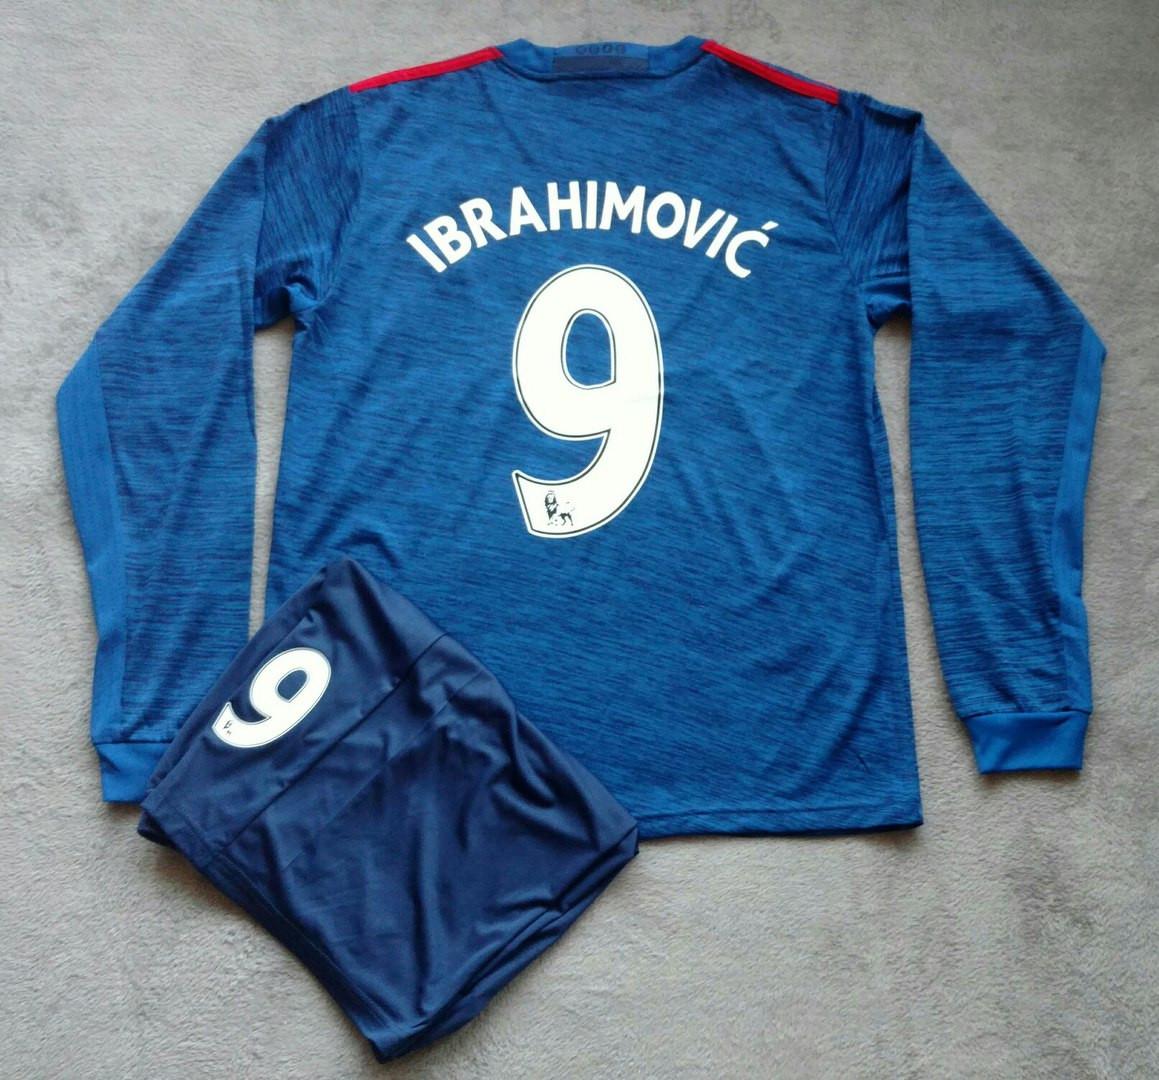 Футбольная форма Манчестер Юнайтед Ибрагимович 2016-2017 синяя